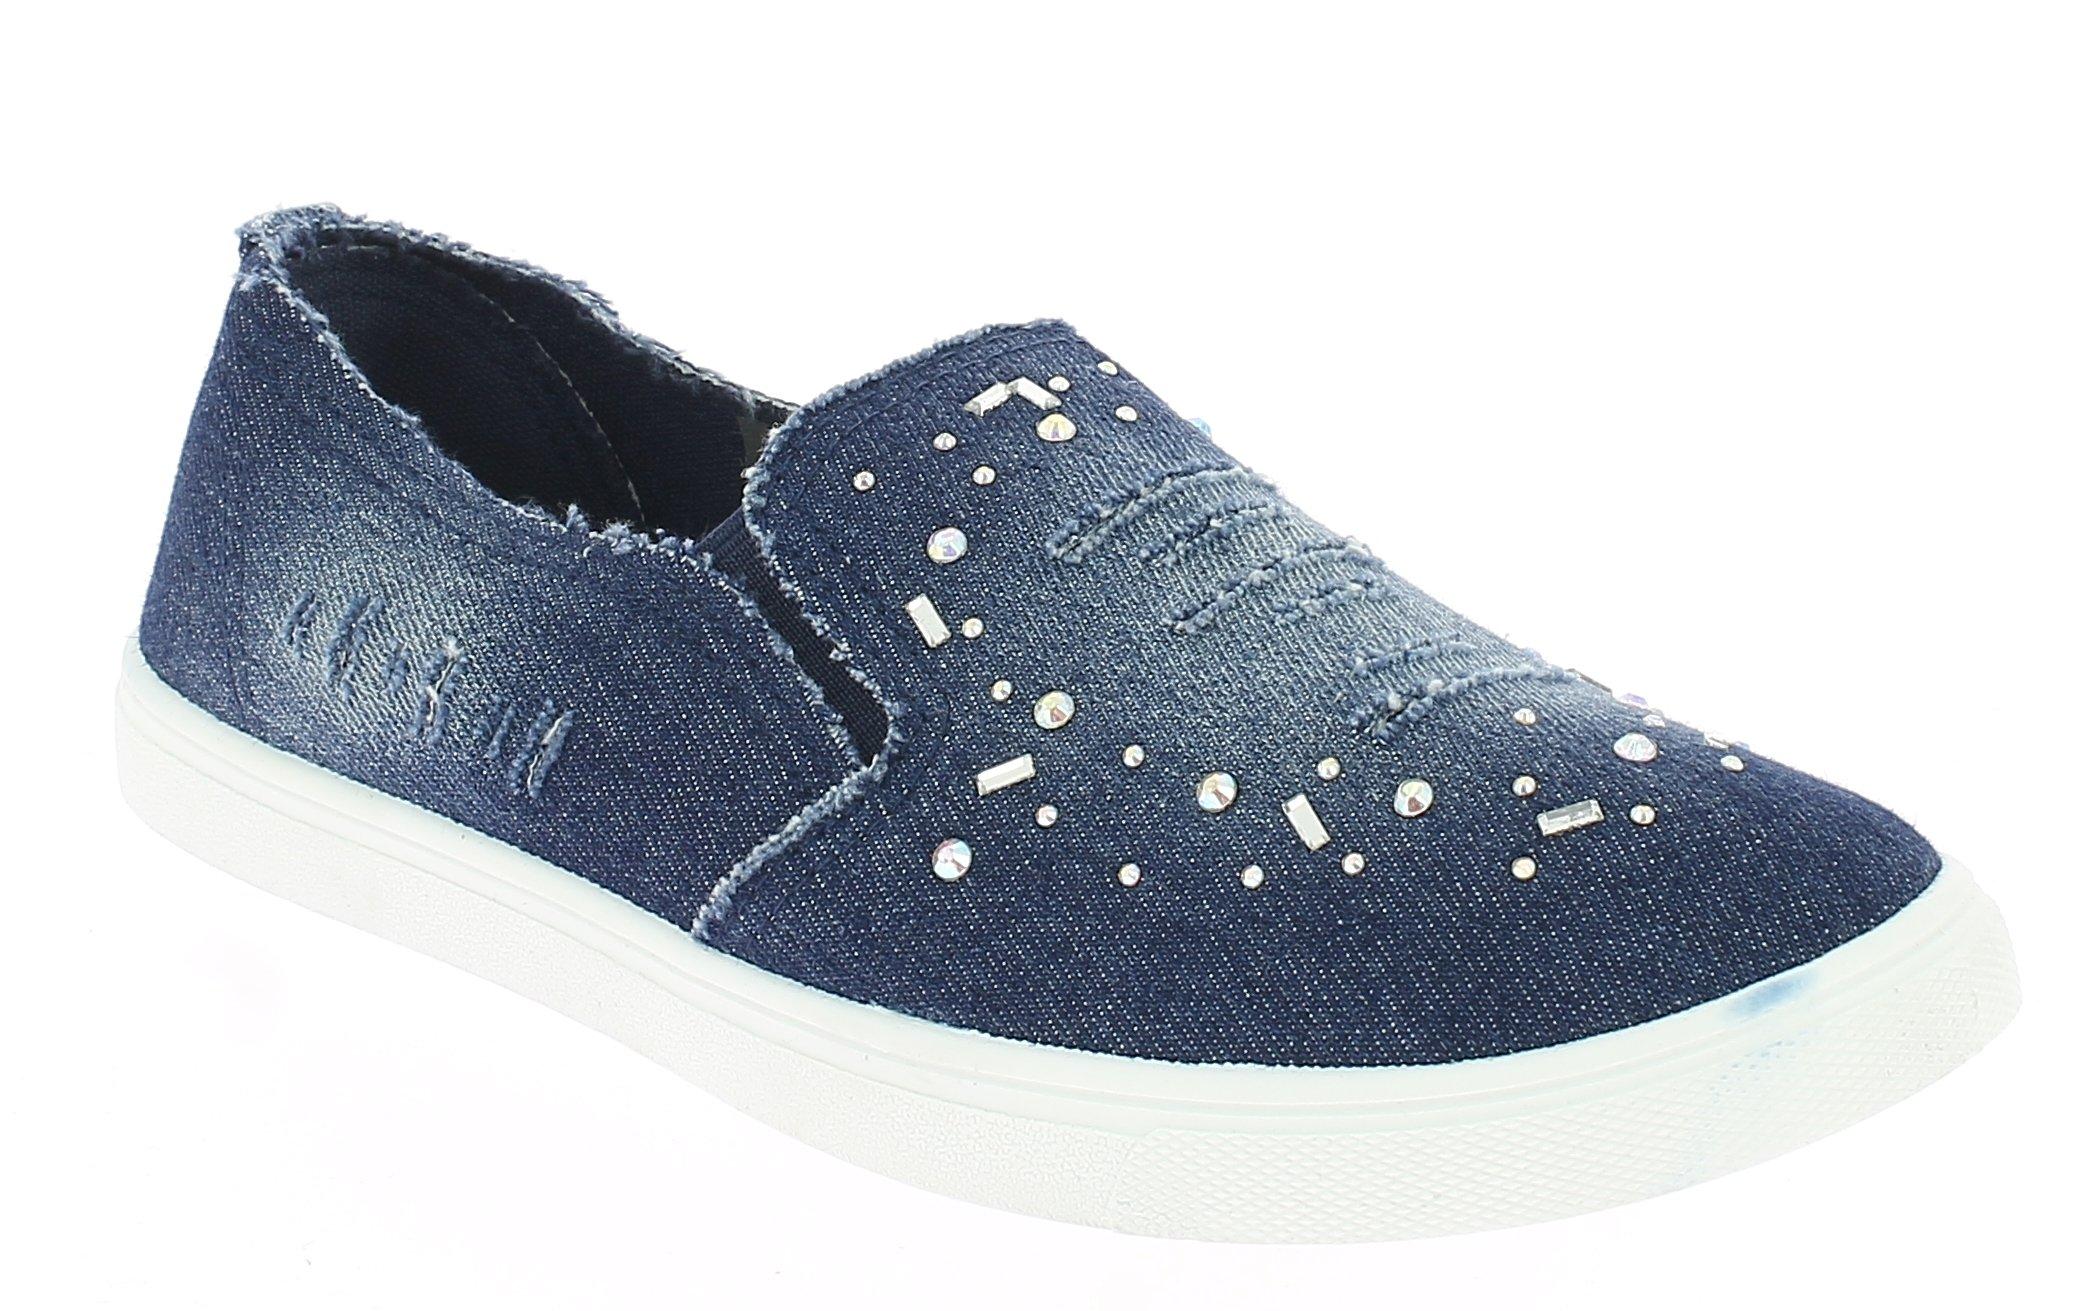 IQSHOES Γυναικείο Casual L-703 Μπλέ - IqShoes - L-703 BLUE-blue-39/1/23/25 προϊόντα παπούτσια